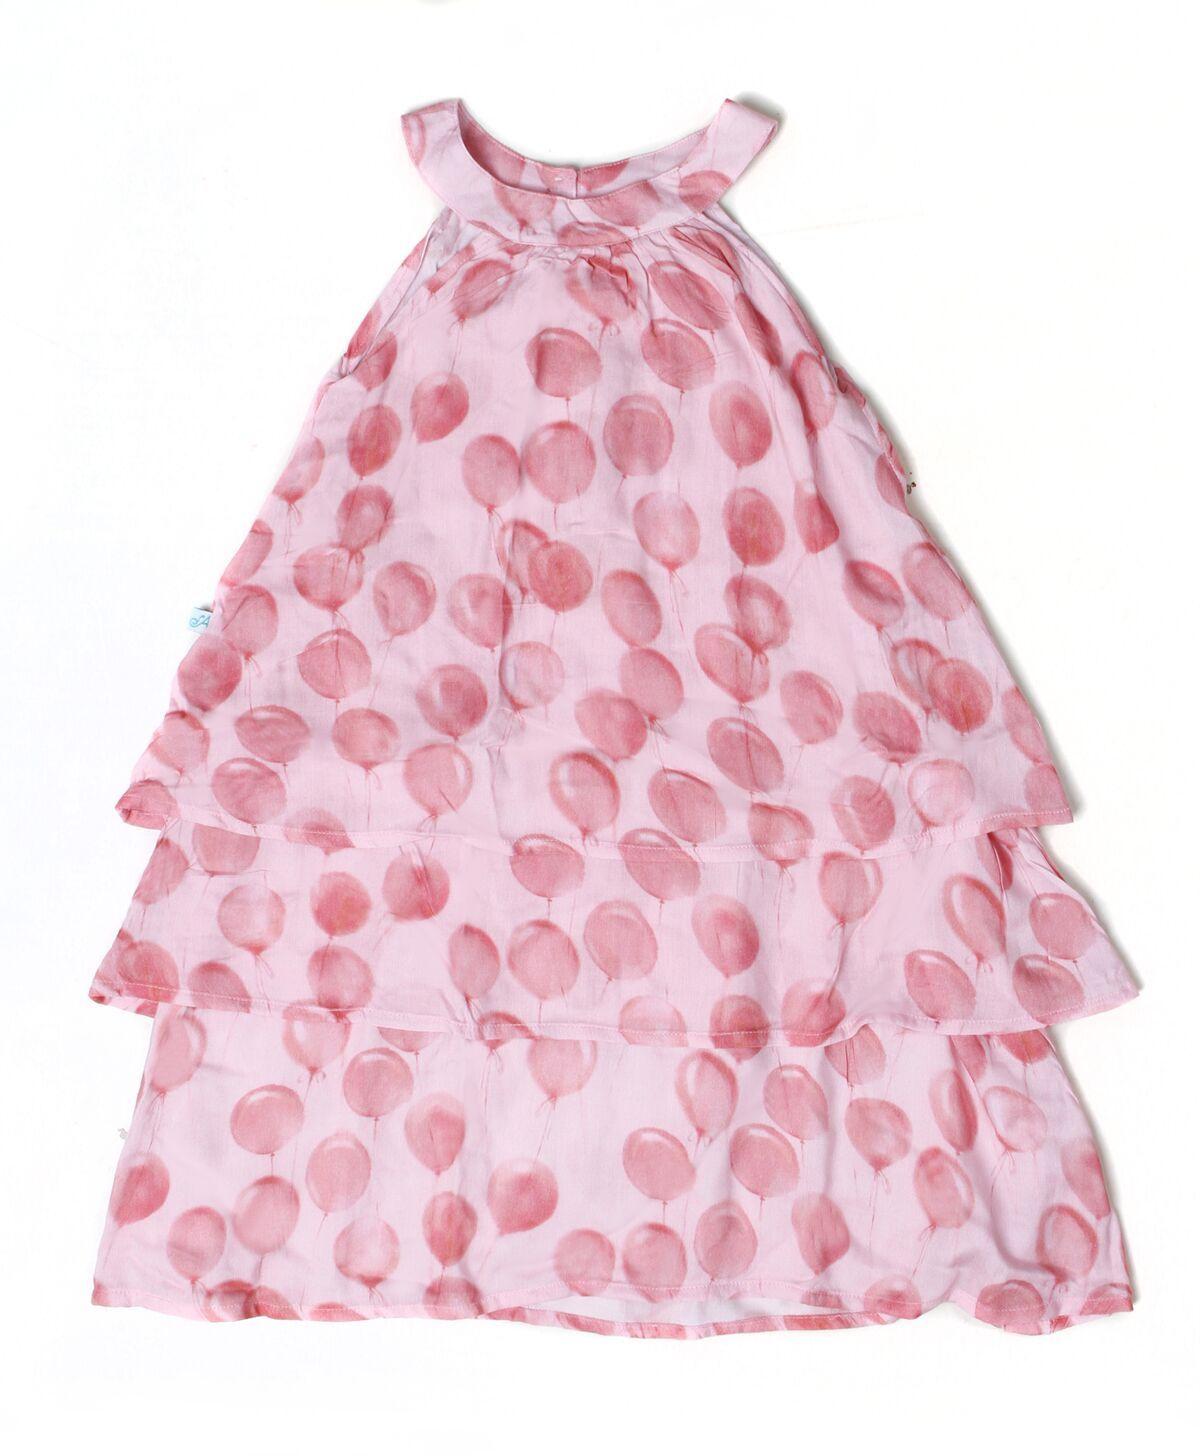 Alex&Ant Balloons Maxi Dress Pink